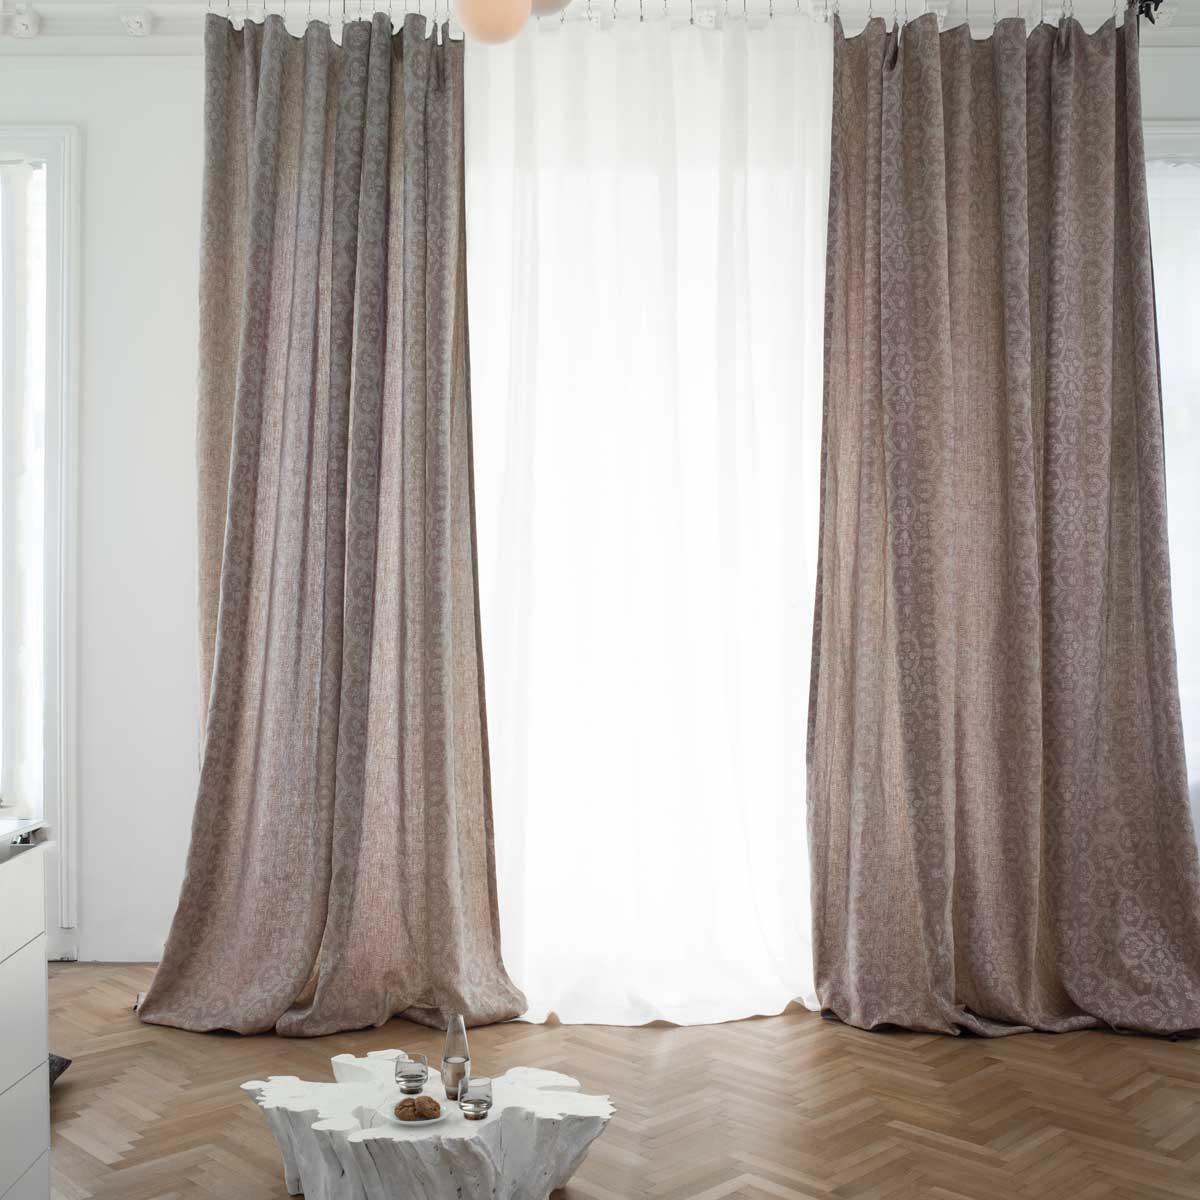 Full Size of Vorhänge Vorhang Chamisso Leitner Leinen Küche Wohnzimmer Schlafzimmer Wohnzimmer Vorhänge